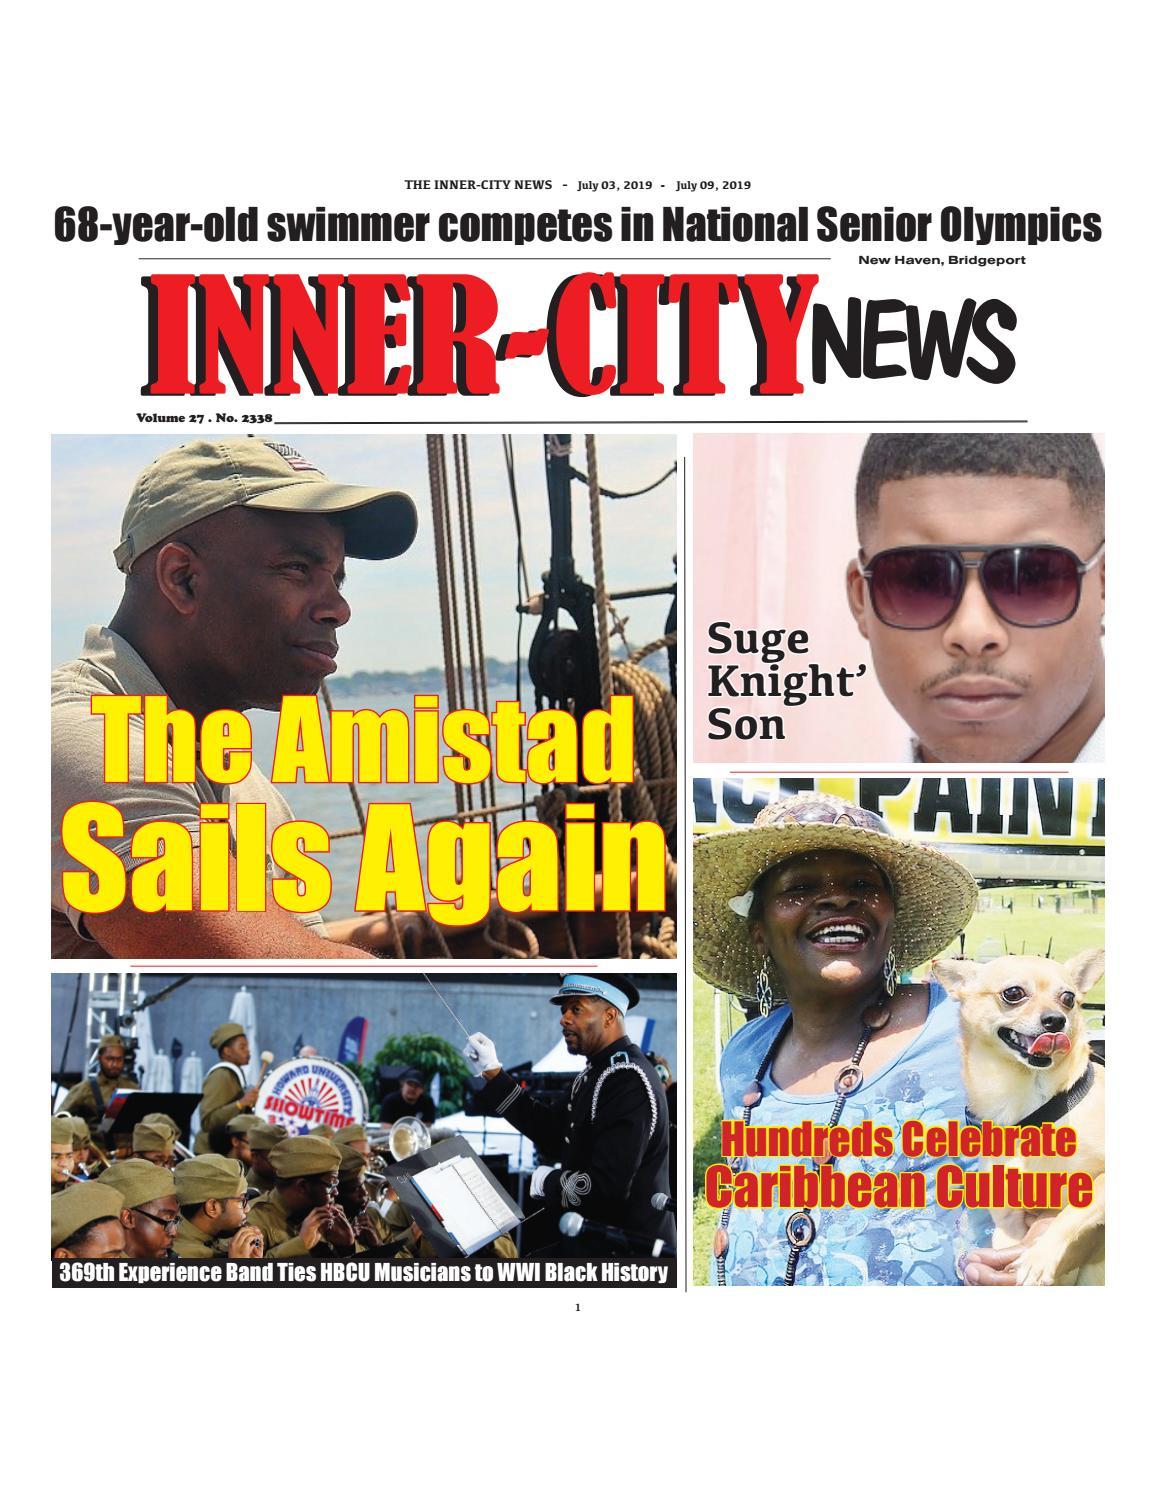 INNER-CITY NEWS